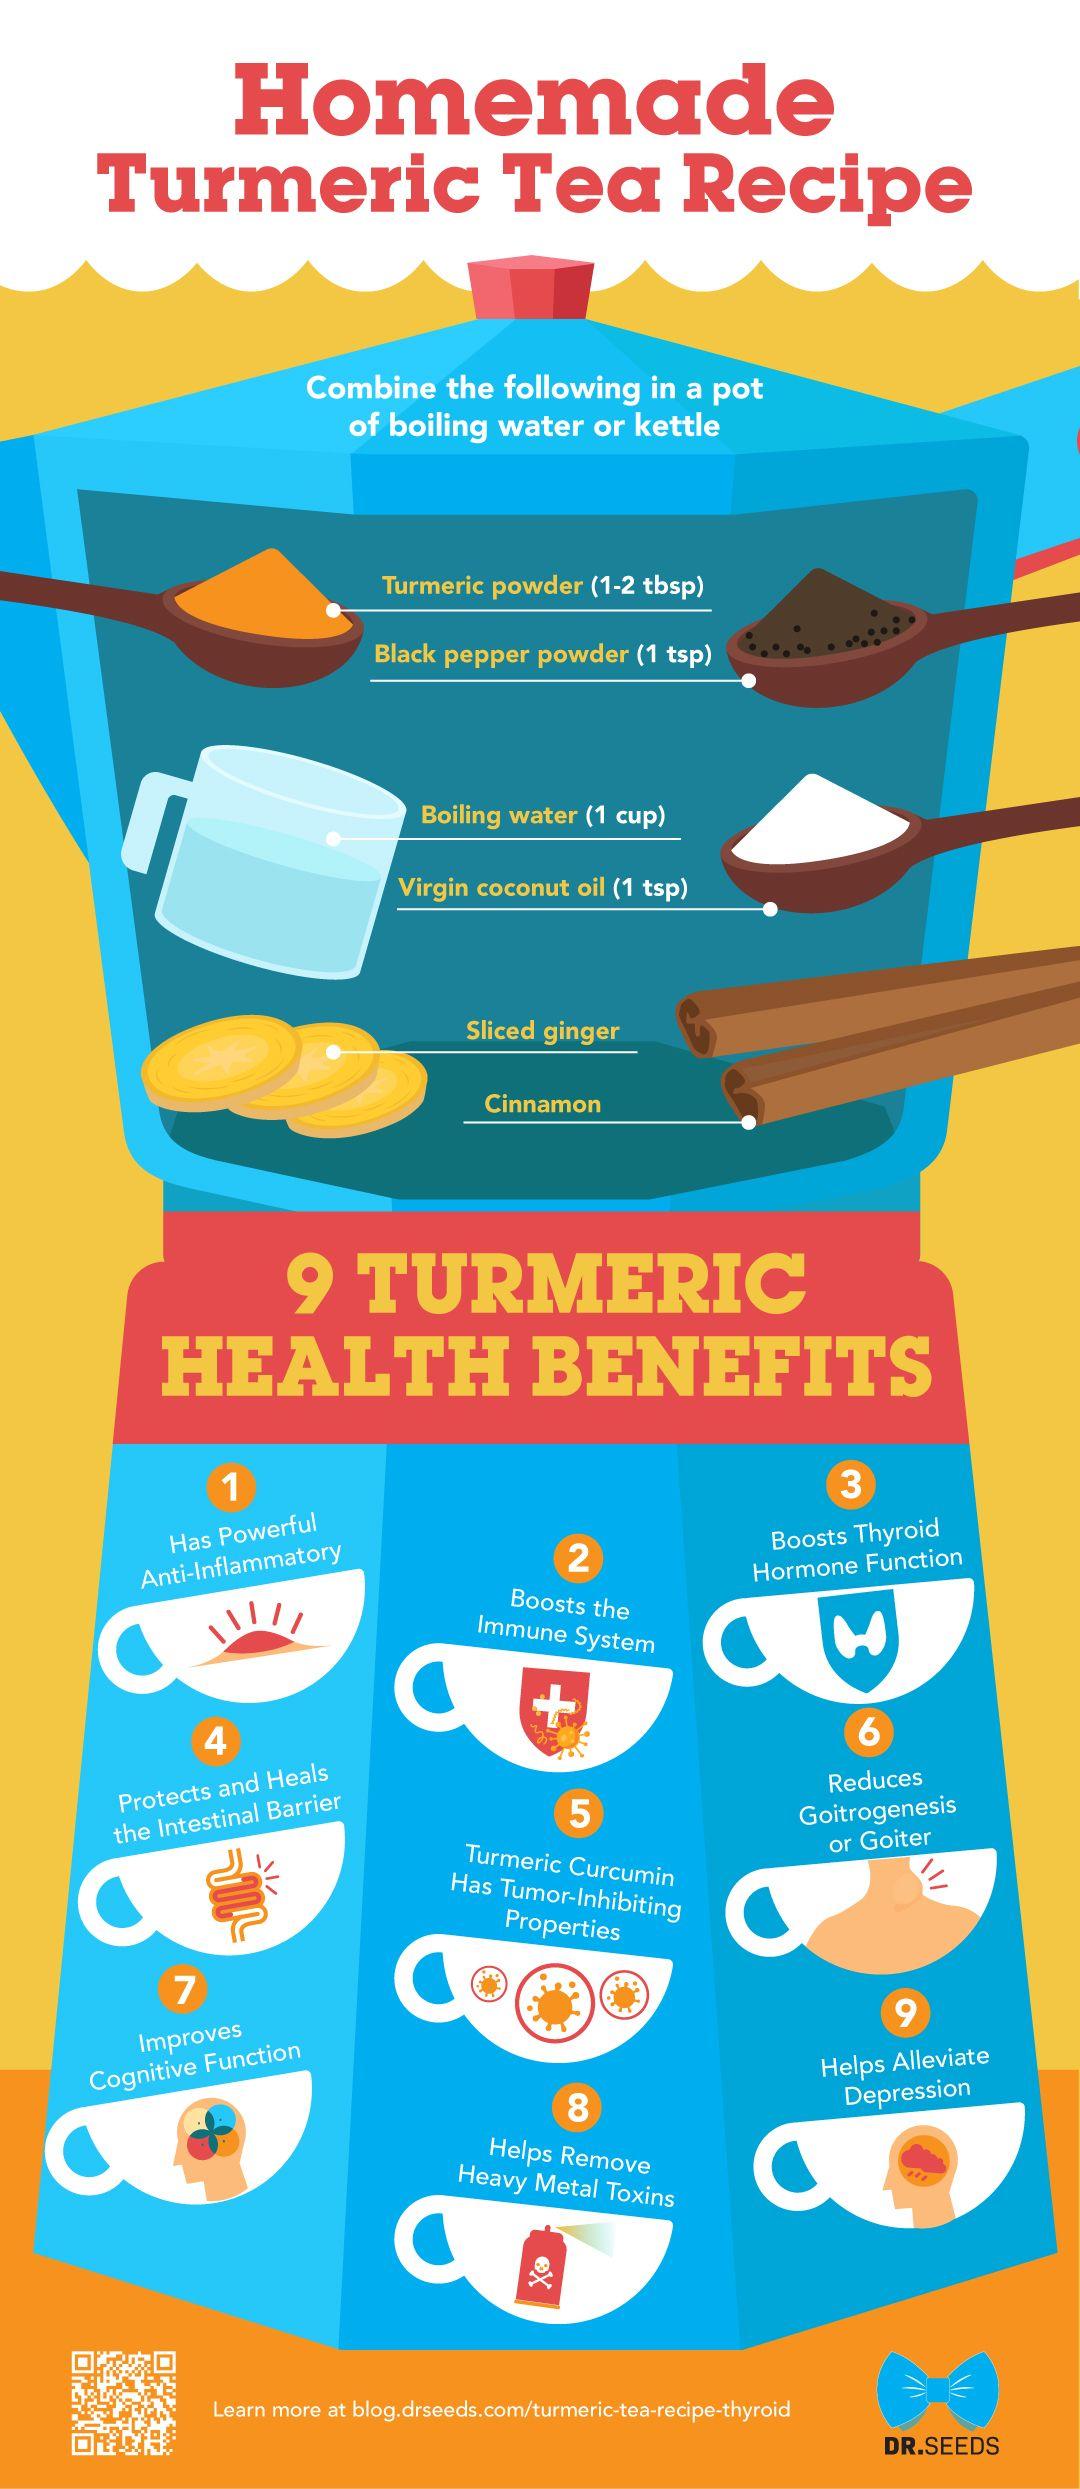 How To Brew Homemade Turmeric Tea